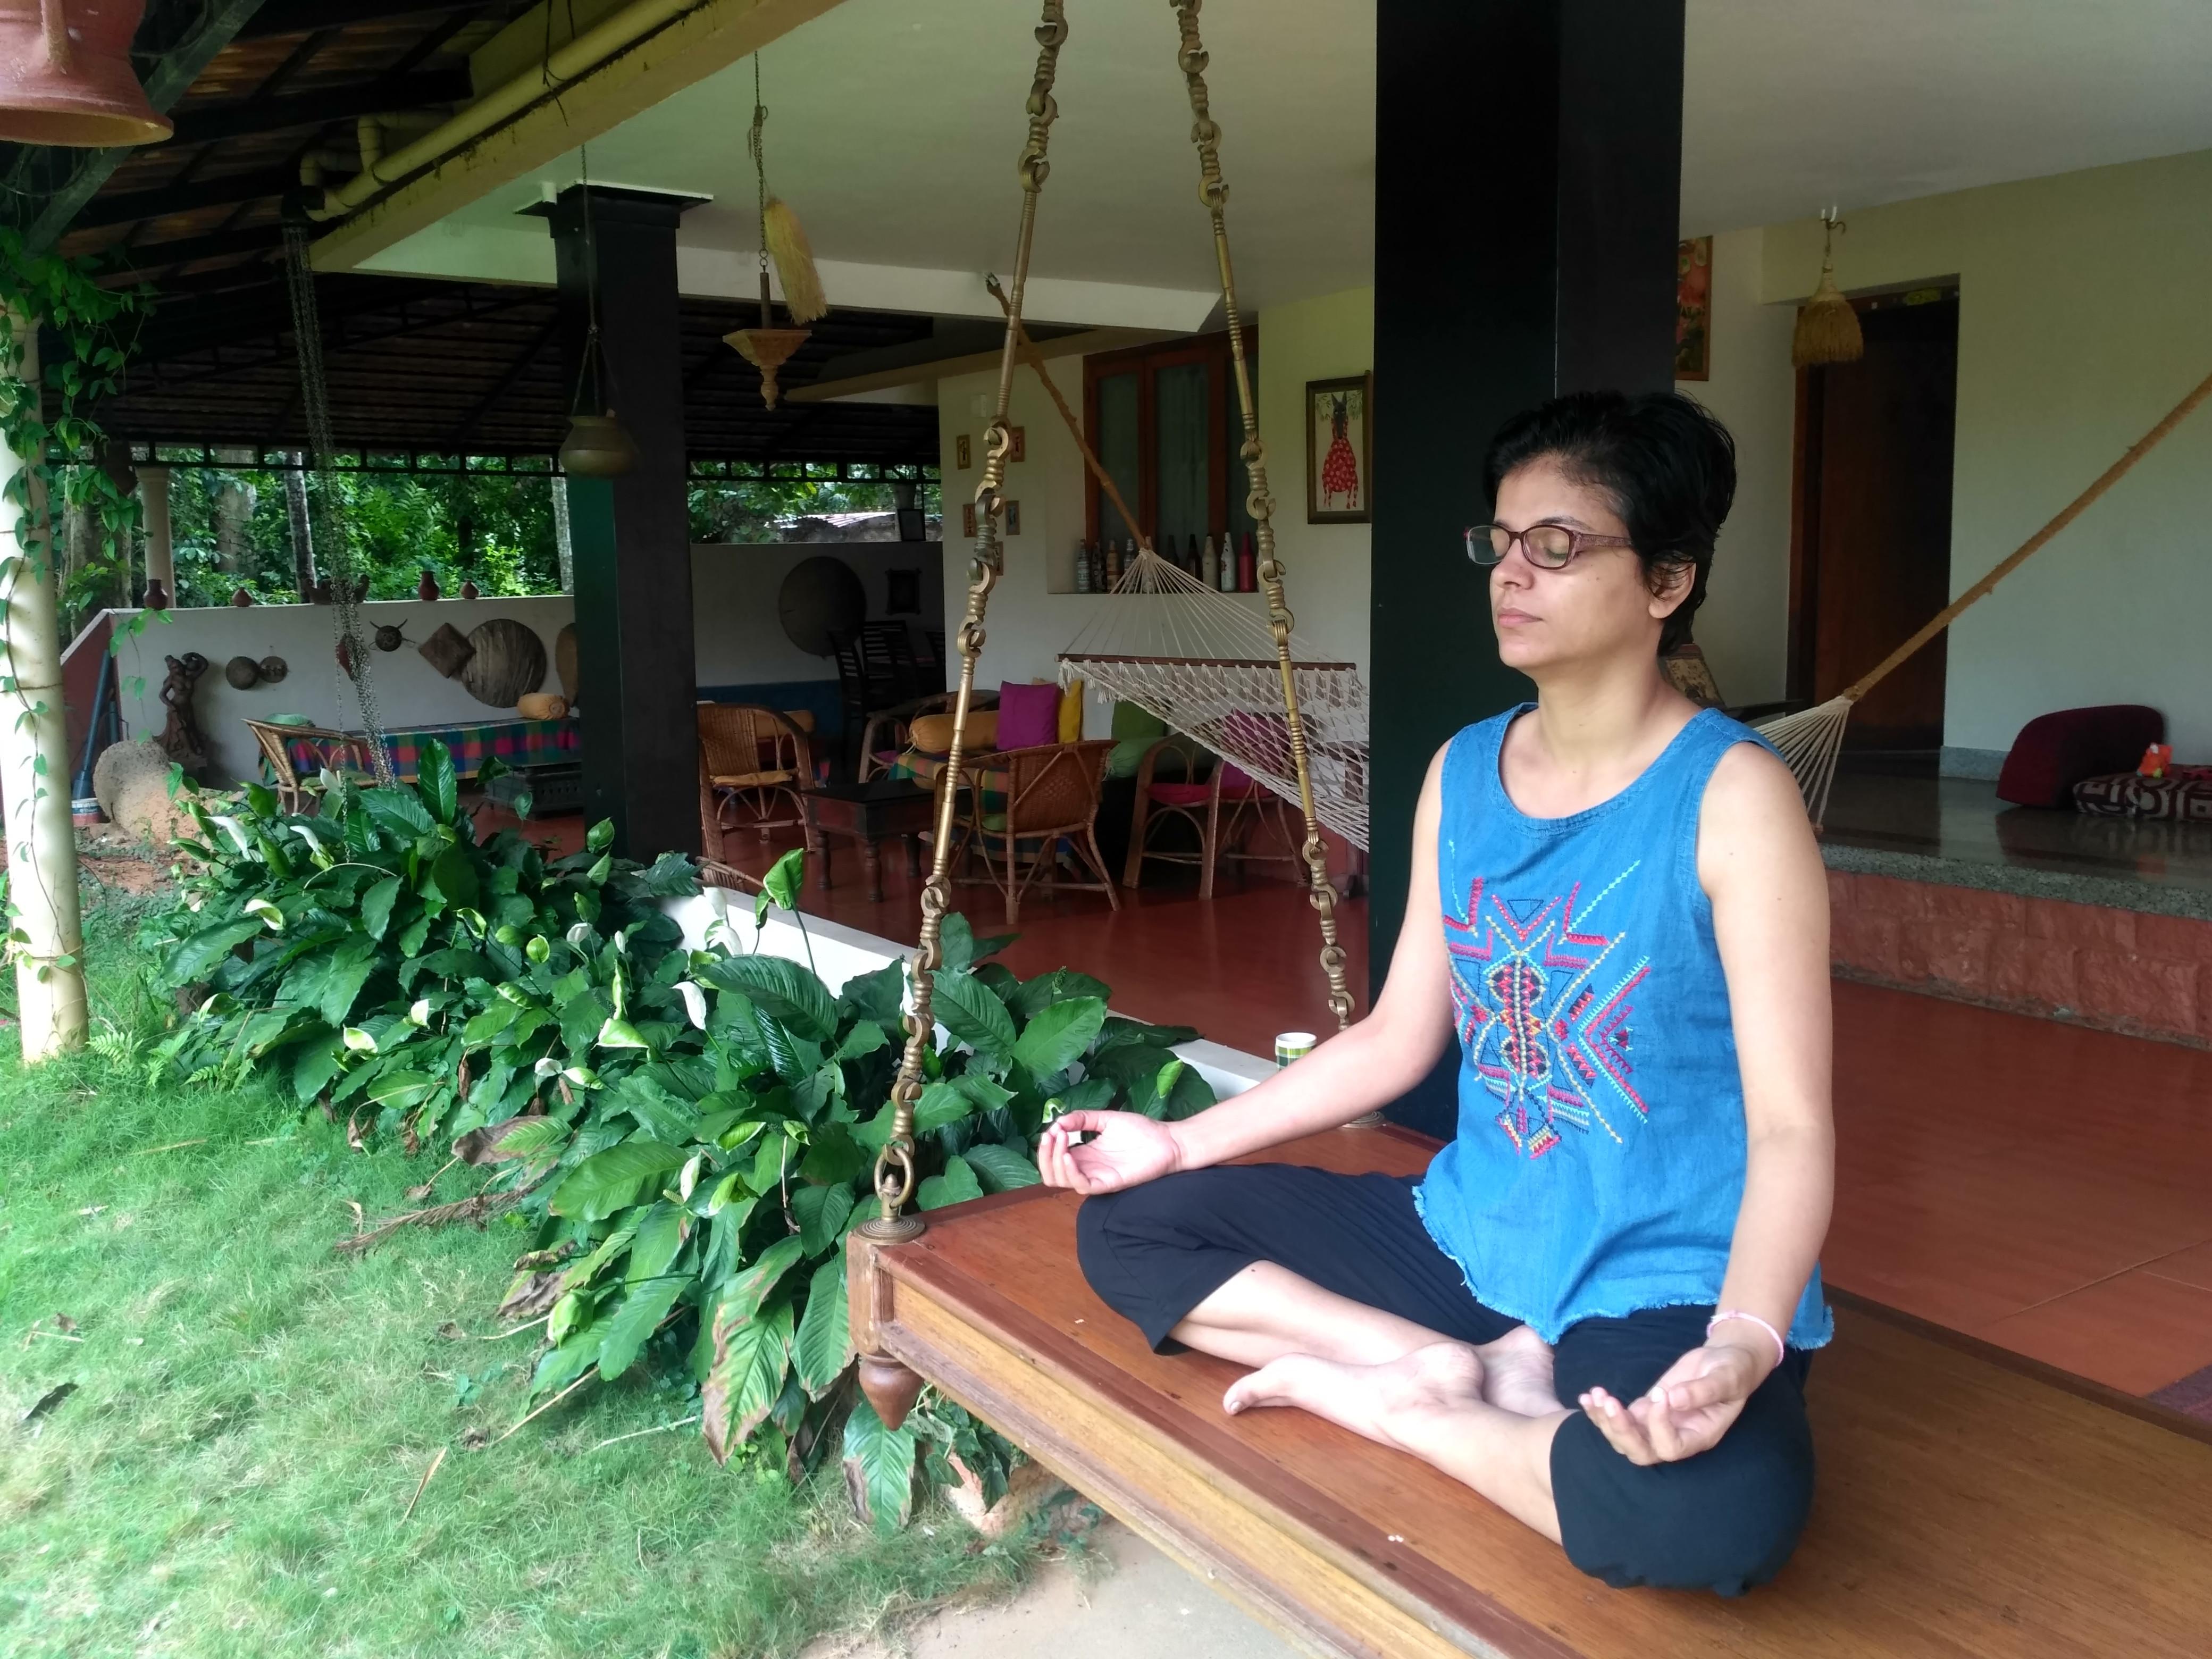 Personal Yoga Training @ Home